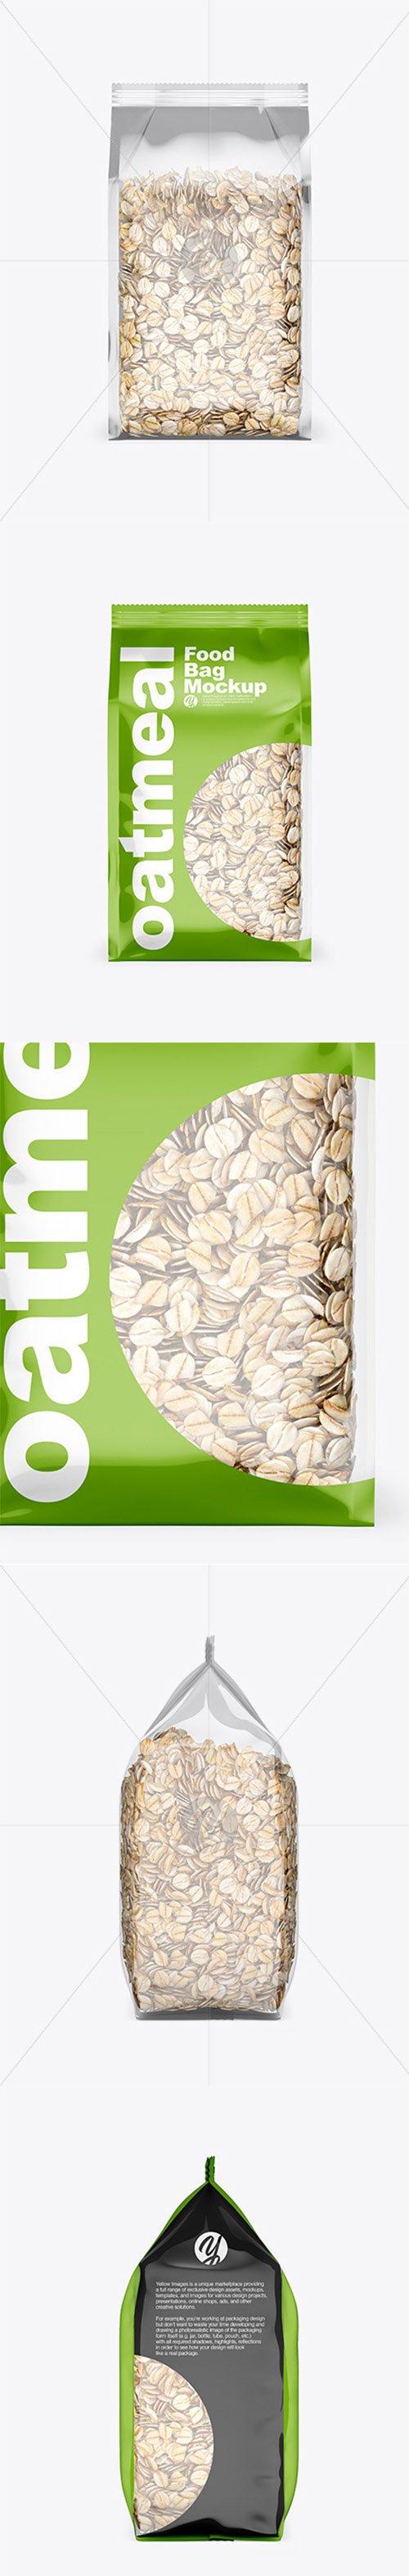 Food Bag w/ Oatmeal Mockup 45419 TIF